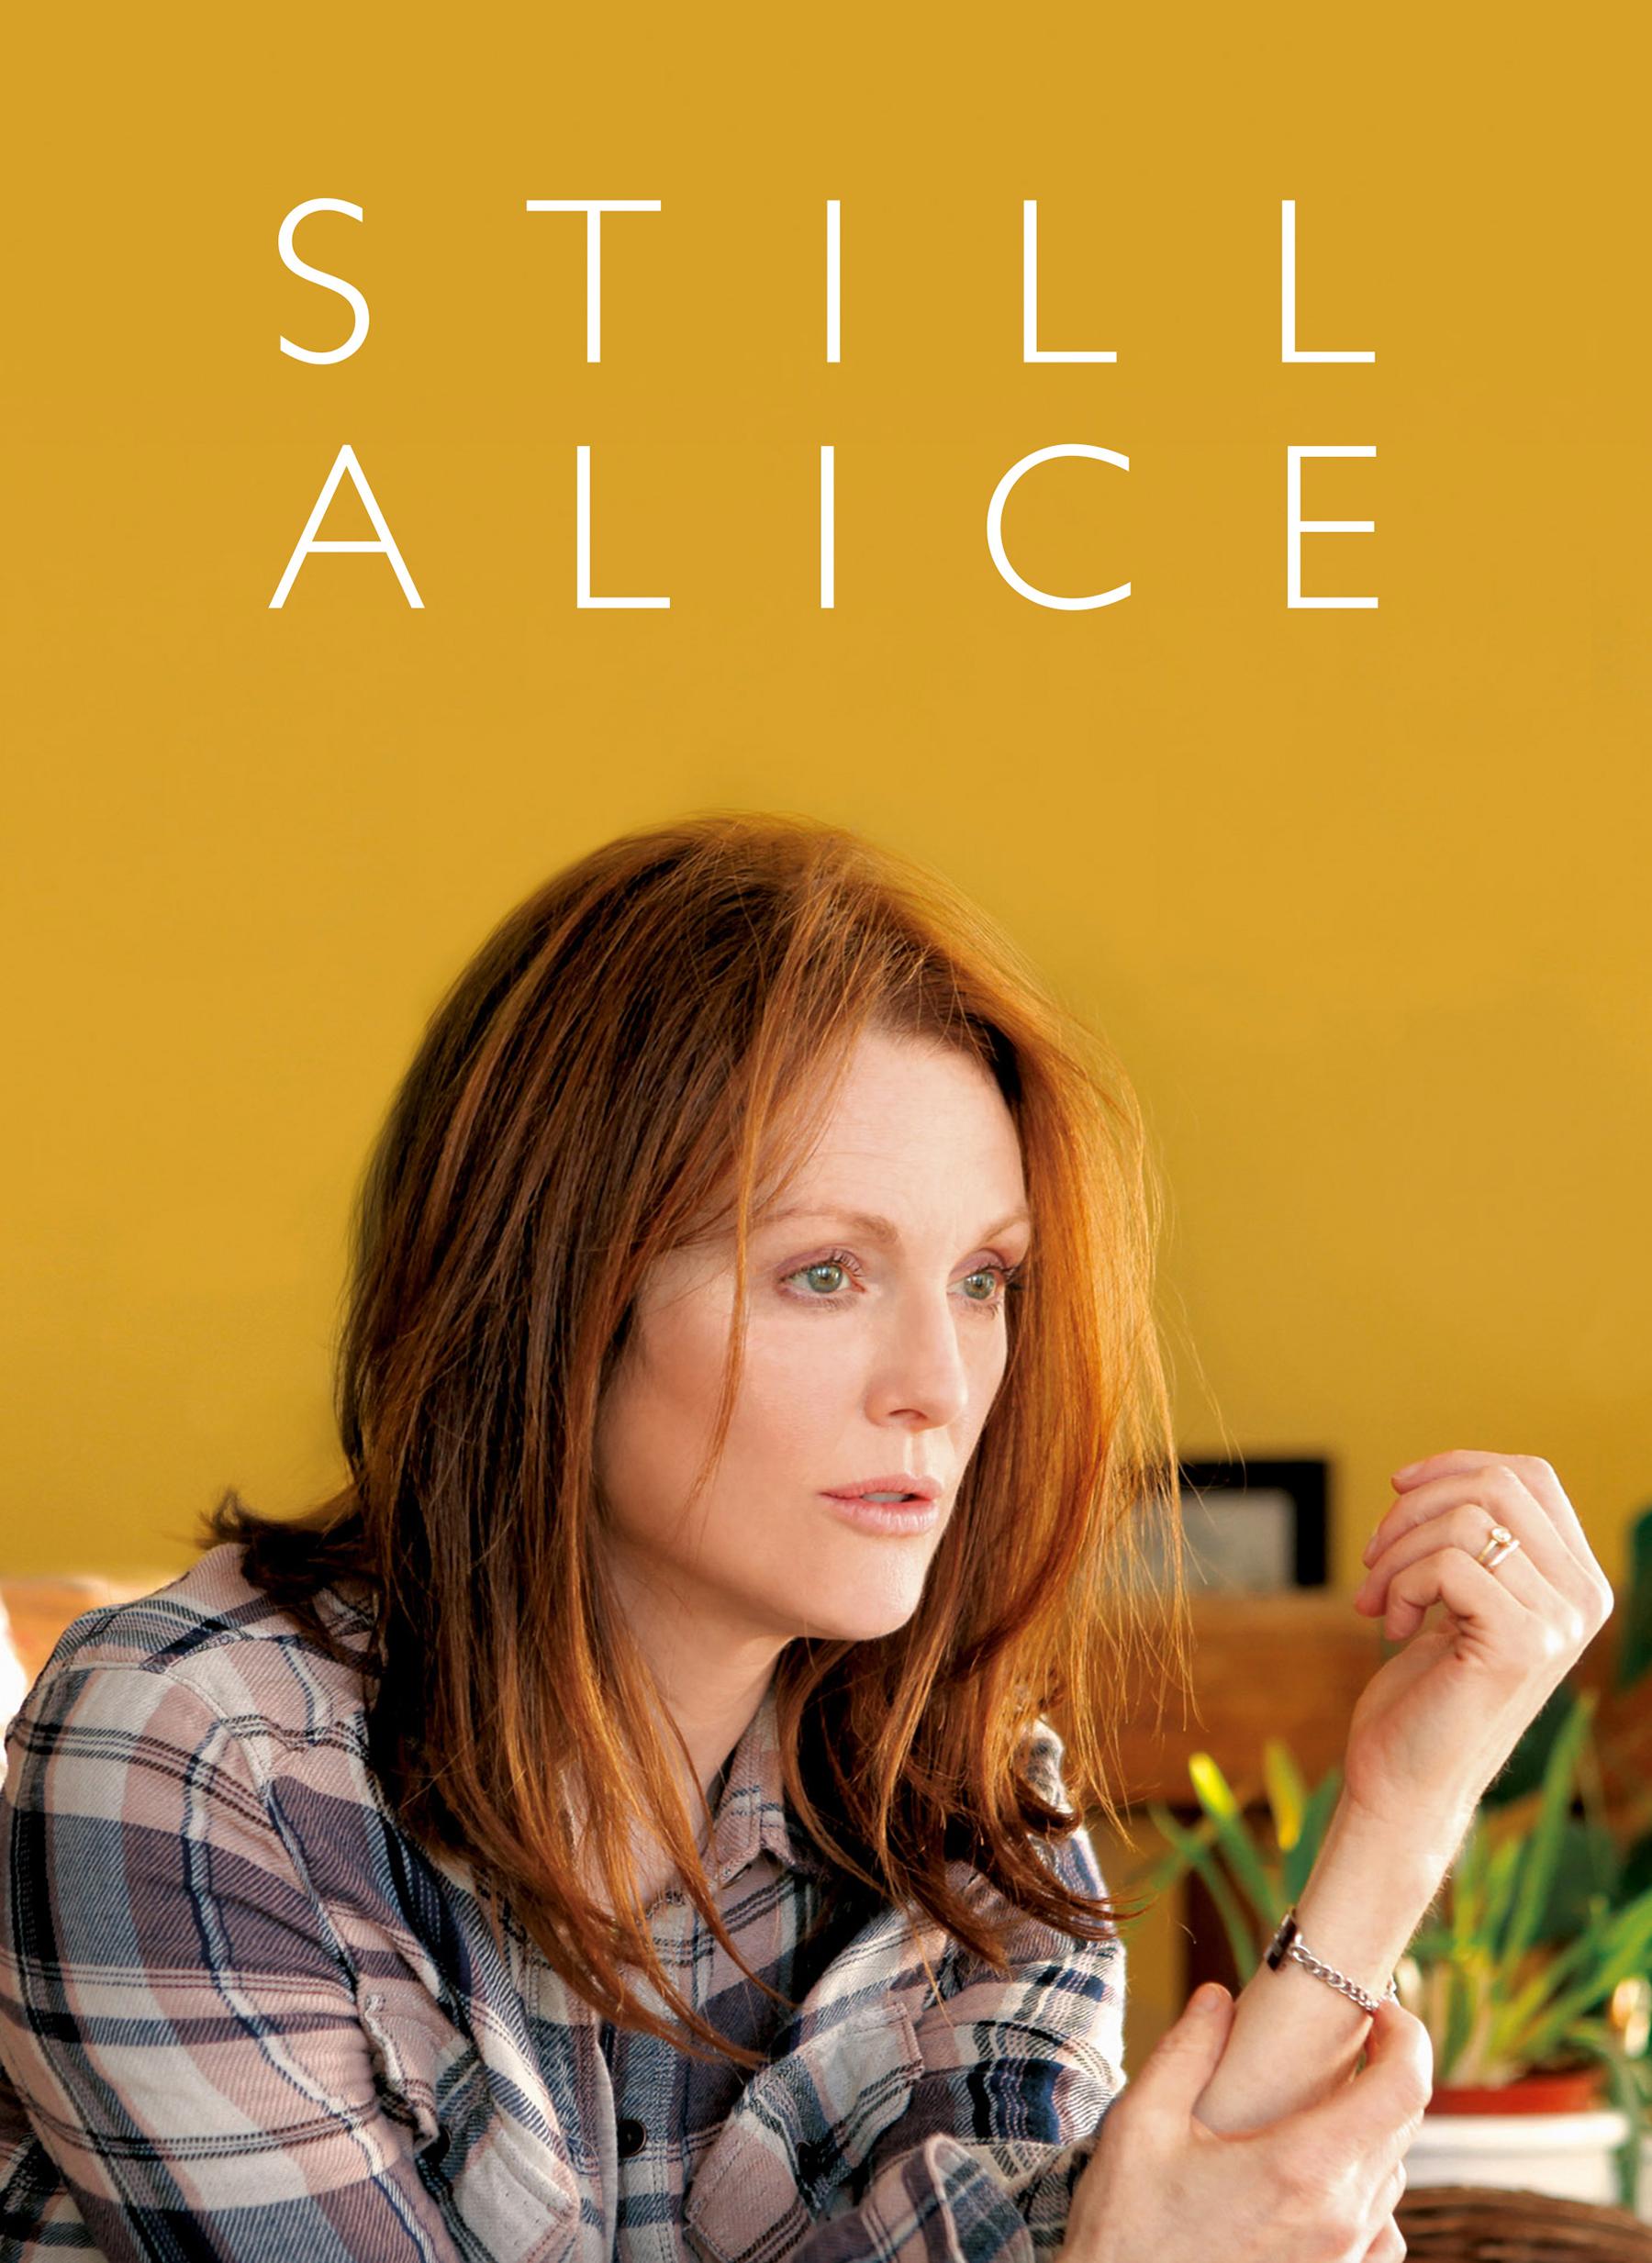 Jeg er stadig Alice